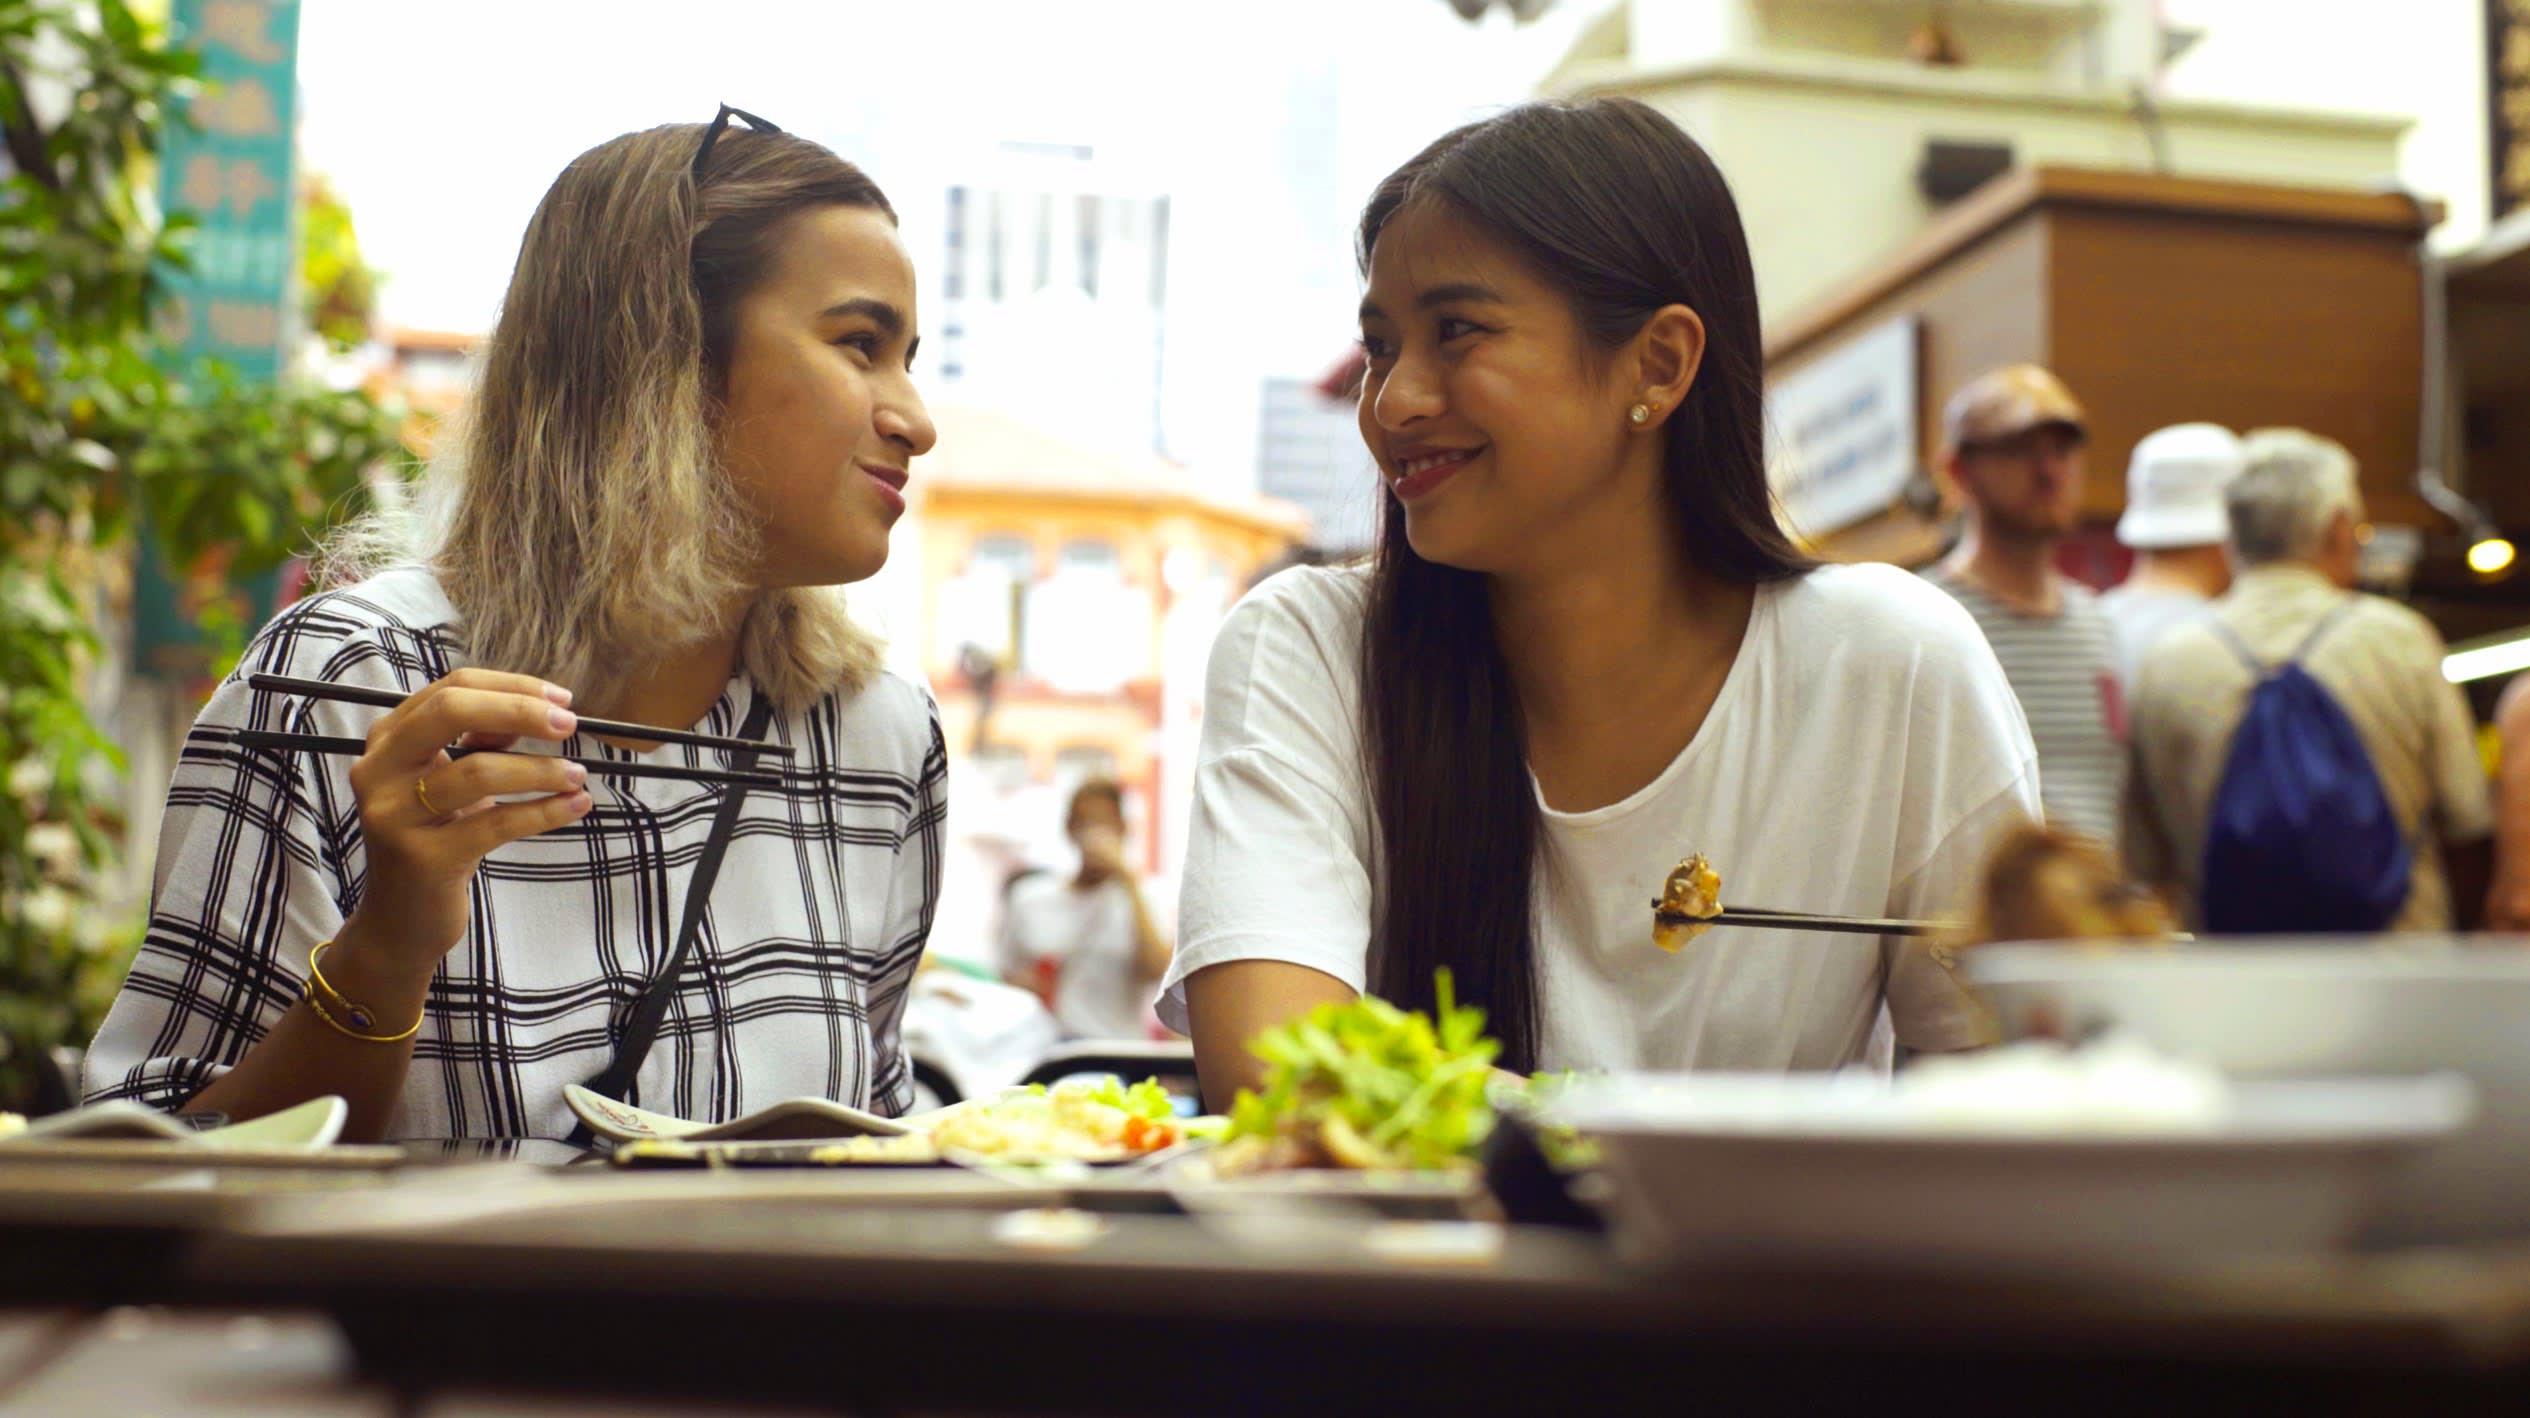 klook singapore gabbi garcia issa pressman chinatown food street